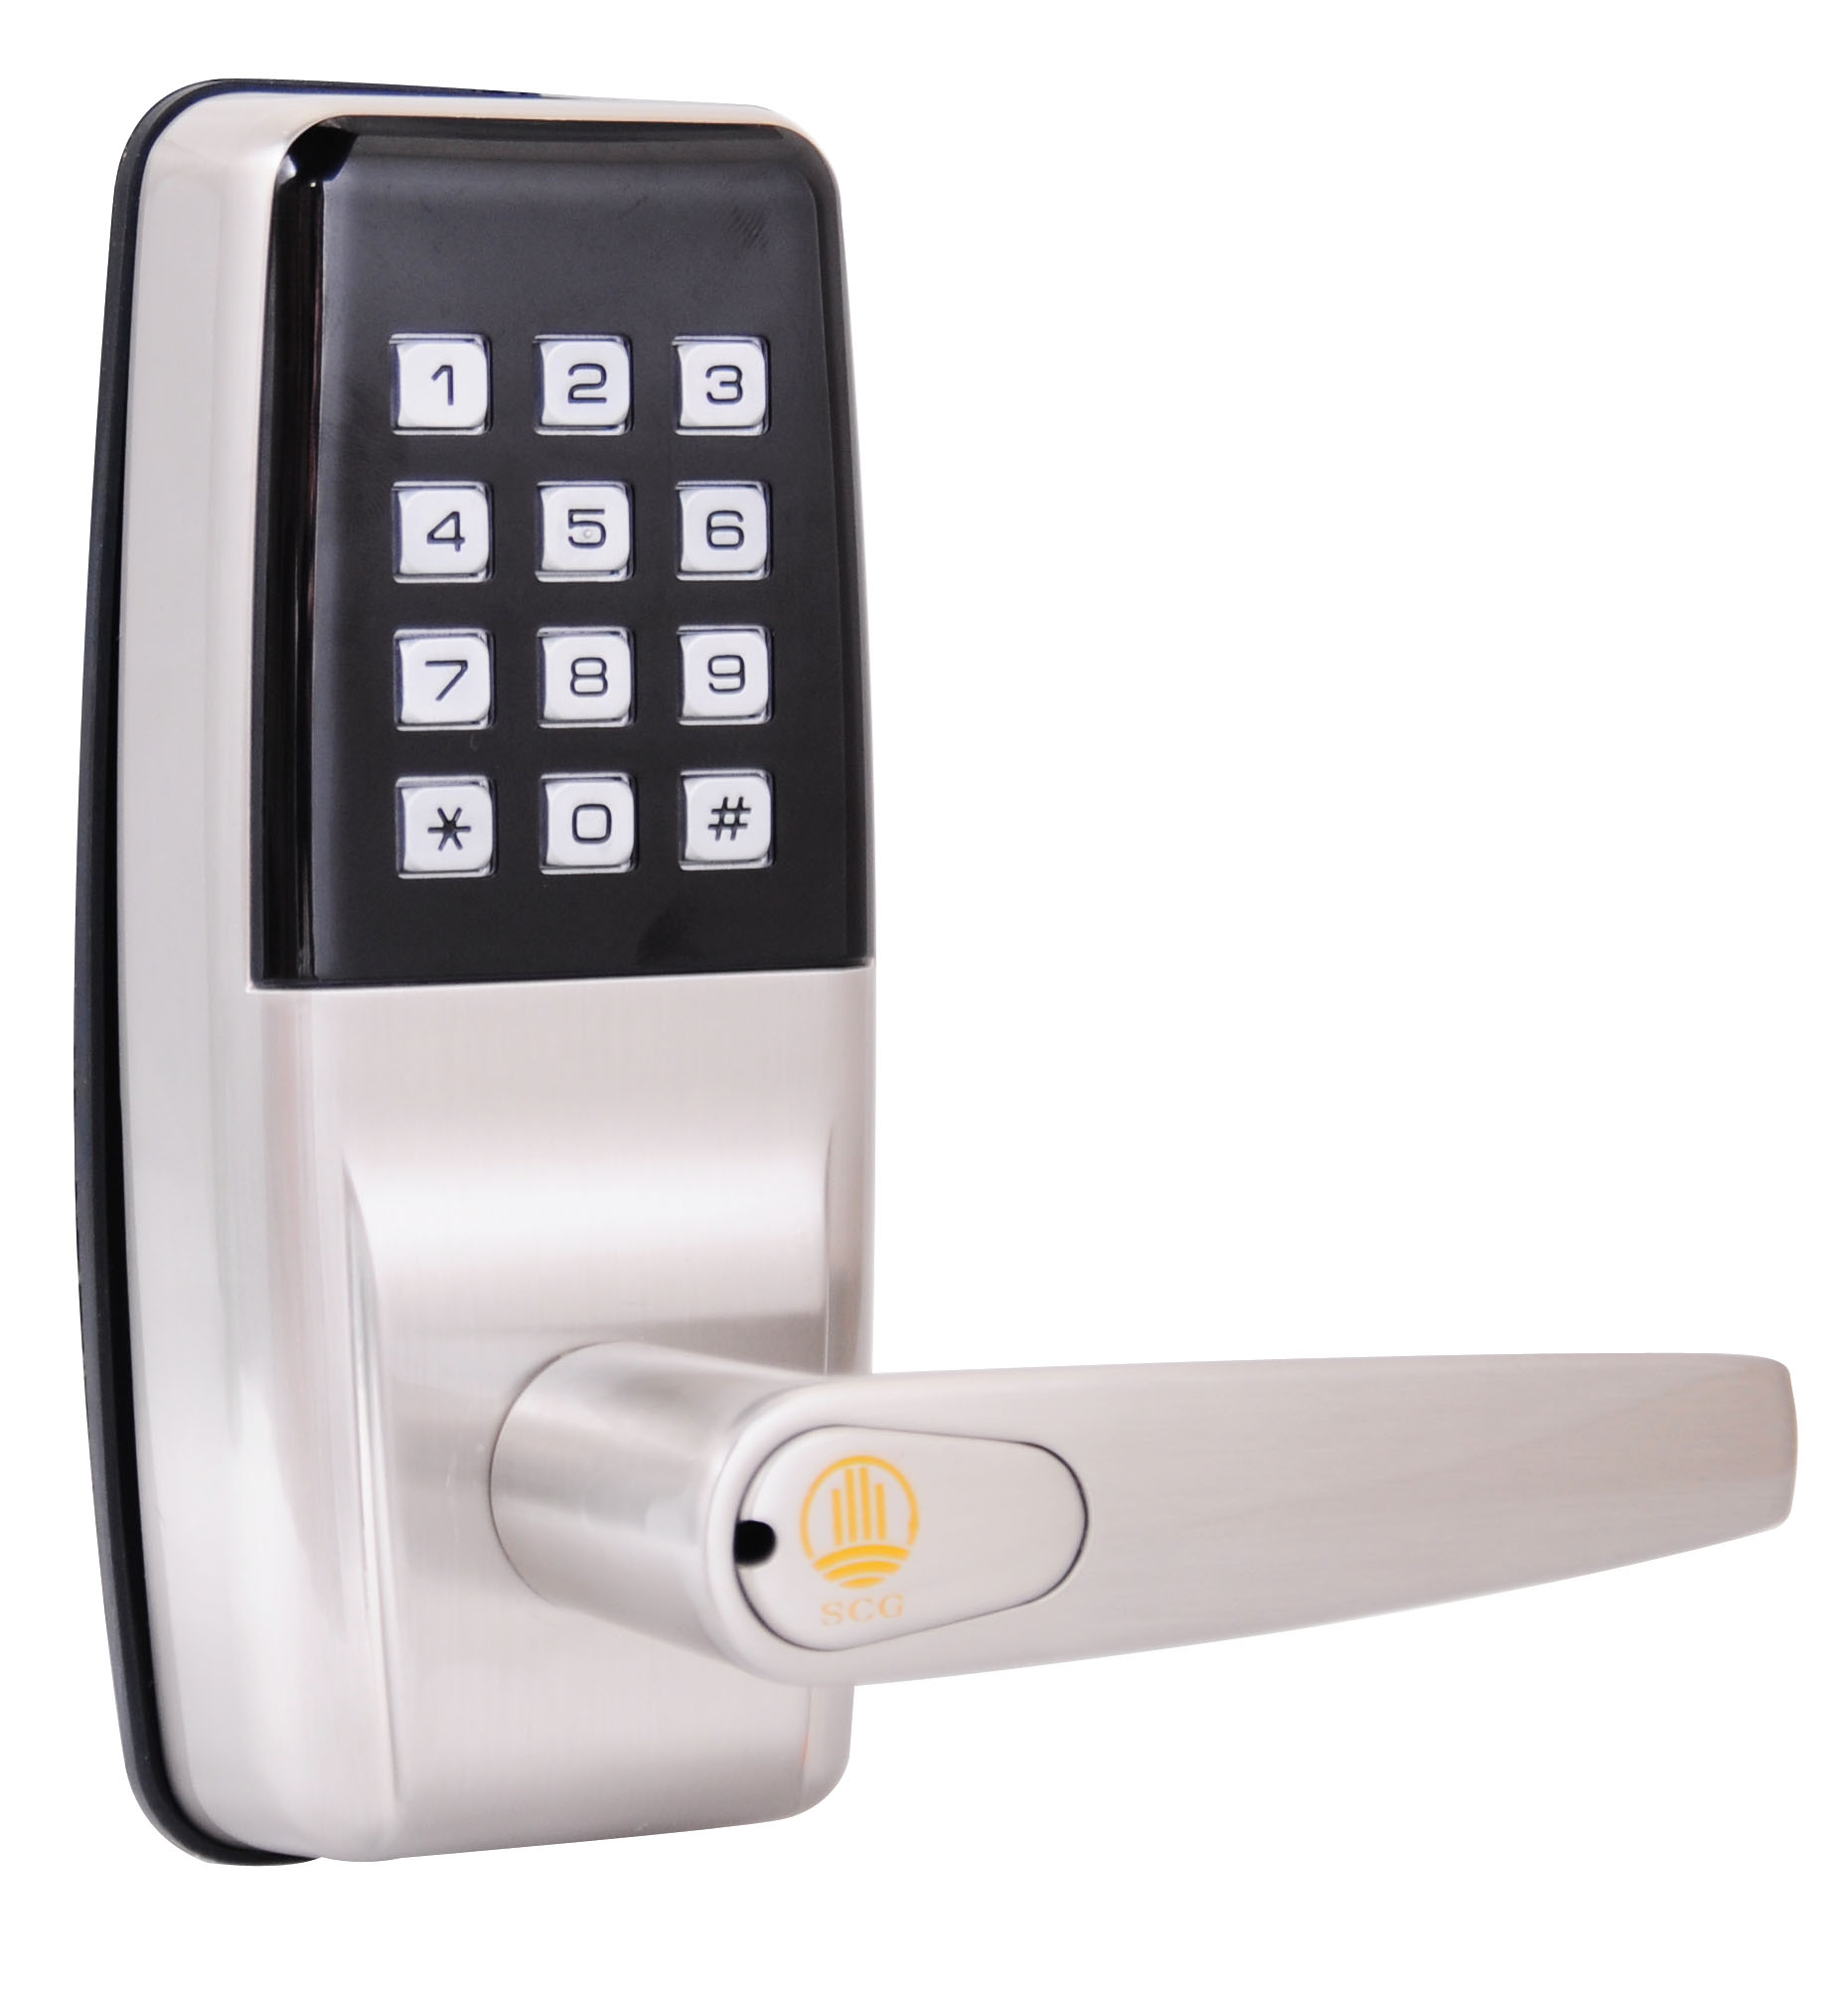 hardware sliding prices black in shop for lock sale door code review brands mechanism barn locks classic doors